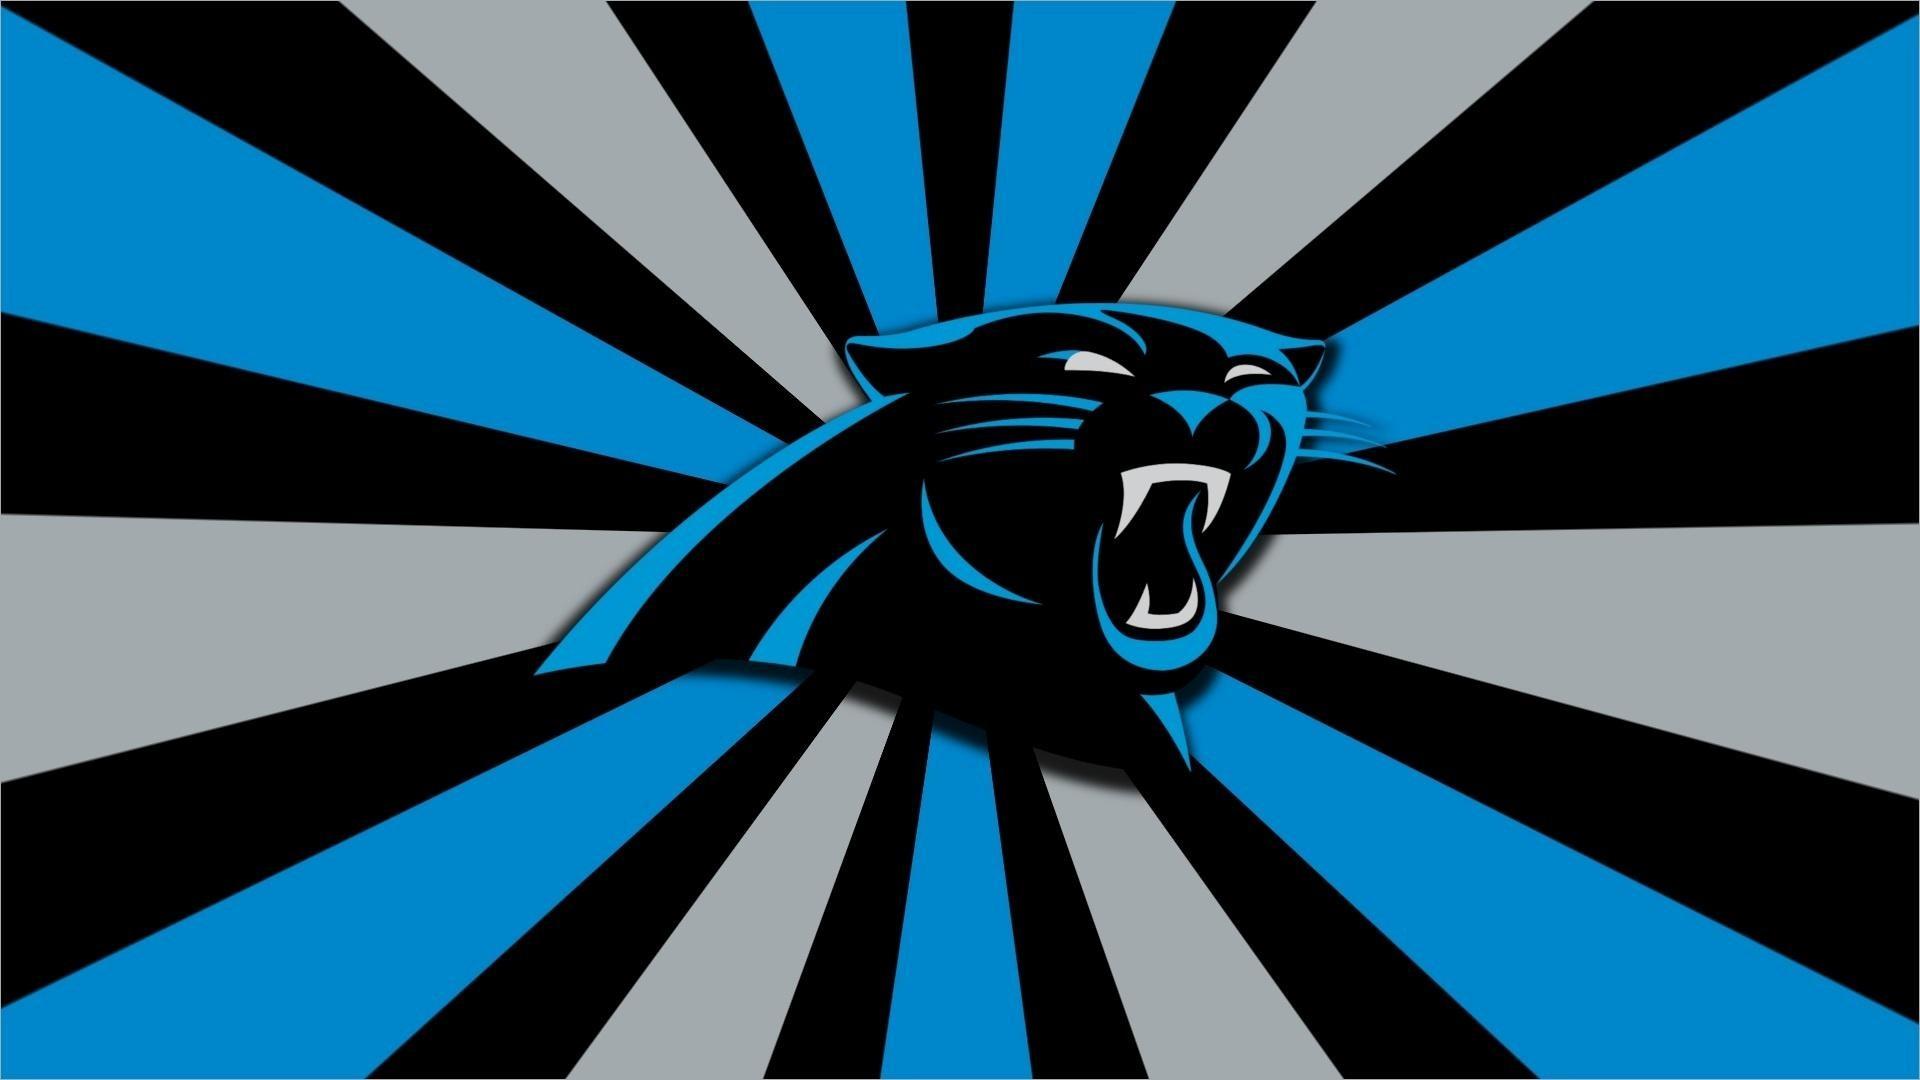 wallpaper.wiki-Carolina-Panthers-Logo-Wallpaper-HD-PIC-